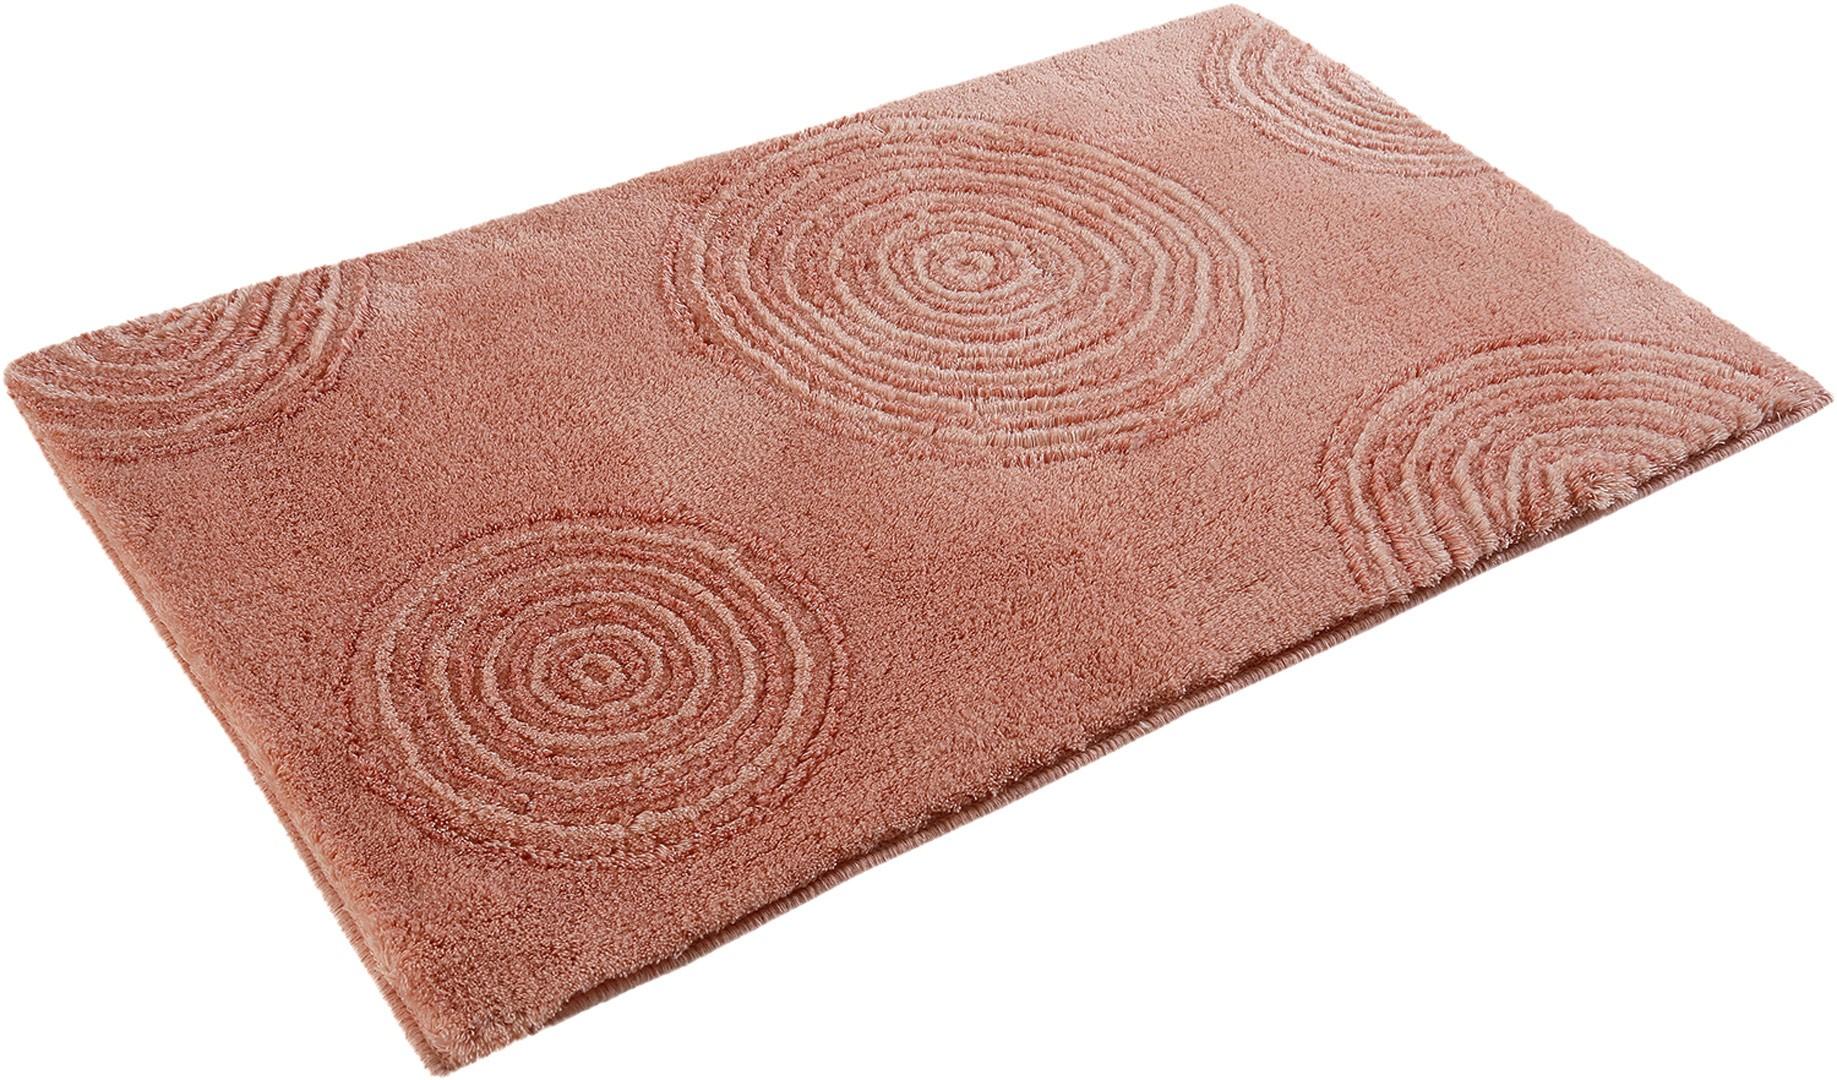 tapis pour salle de bain corail en acrylique yoga. Black Bedroom Furniture Sets. Home Design Ideas